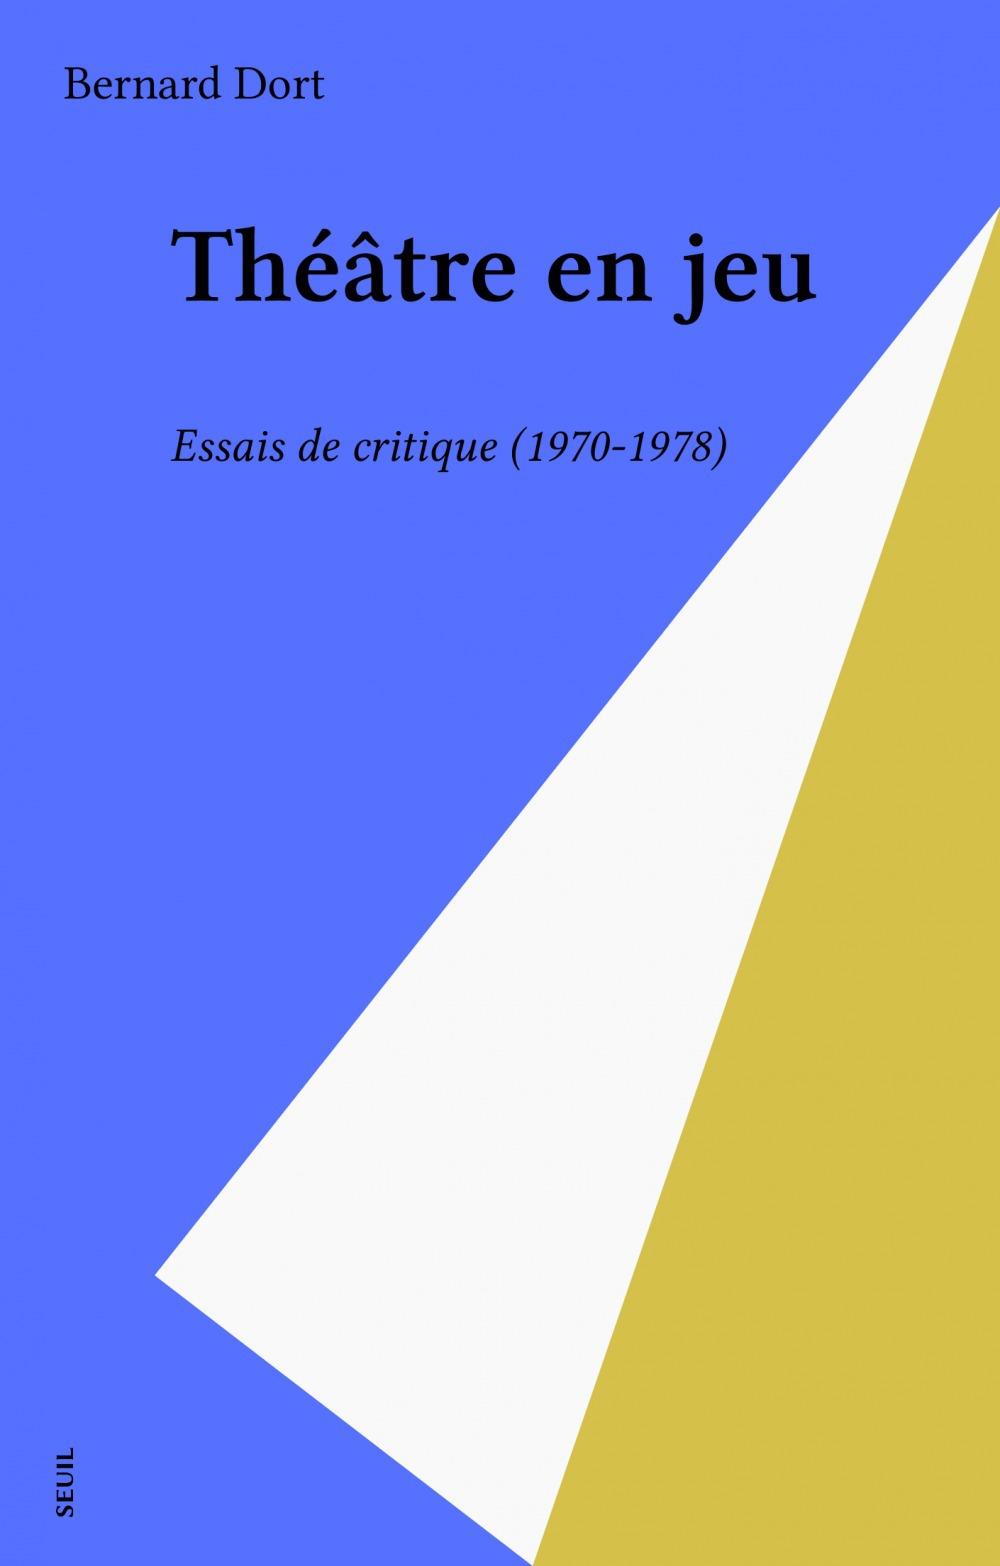 Theatre en jeu. essais de critique (1970-1978)